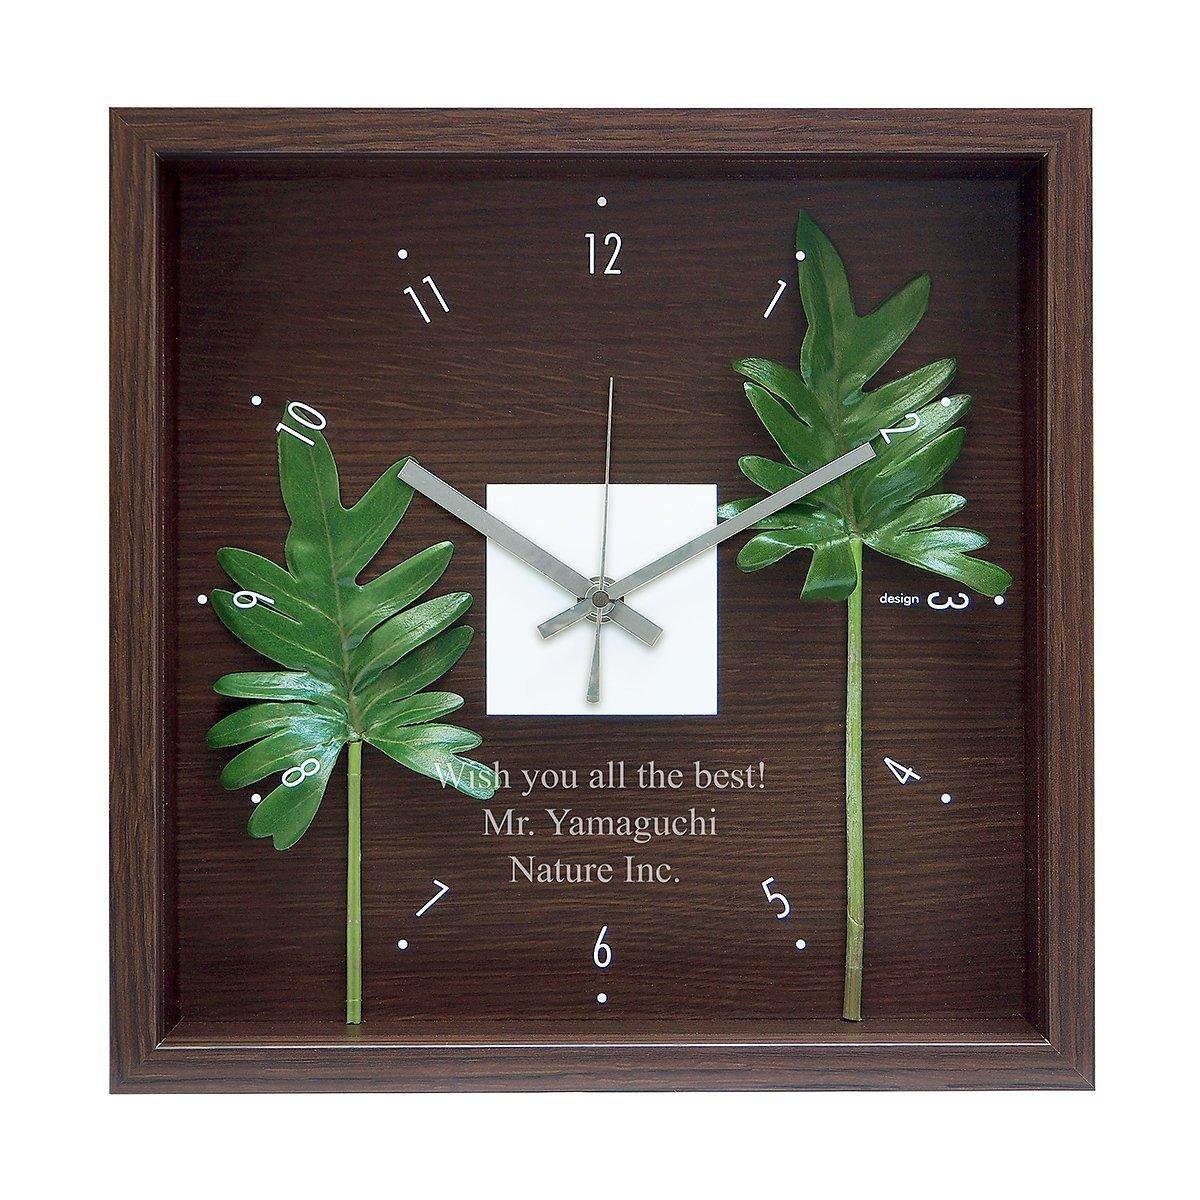 リーフクロック クッカバラ [名入れ 名前入り リーフパネル 掛け時計] B01GRQUSOS